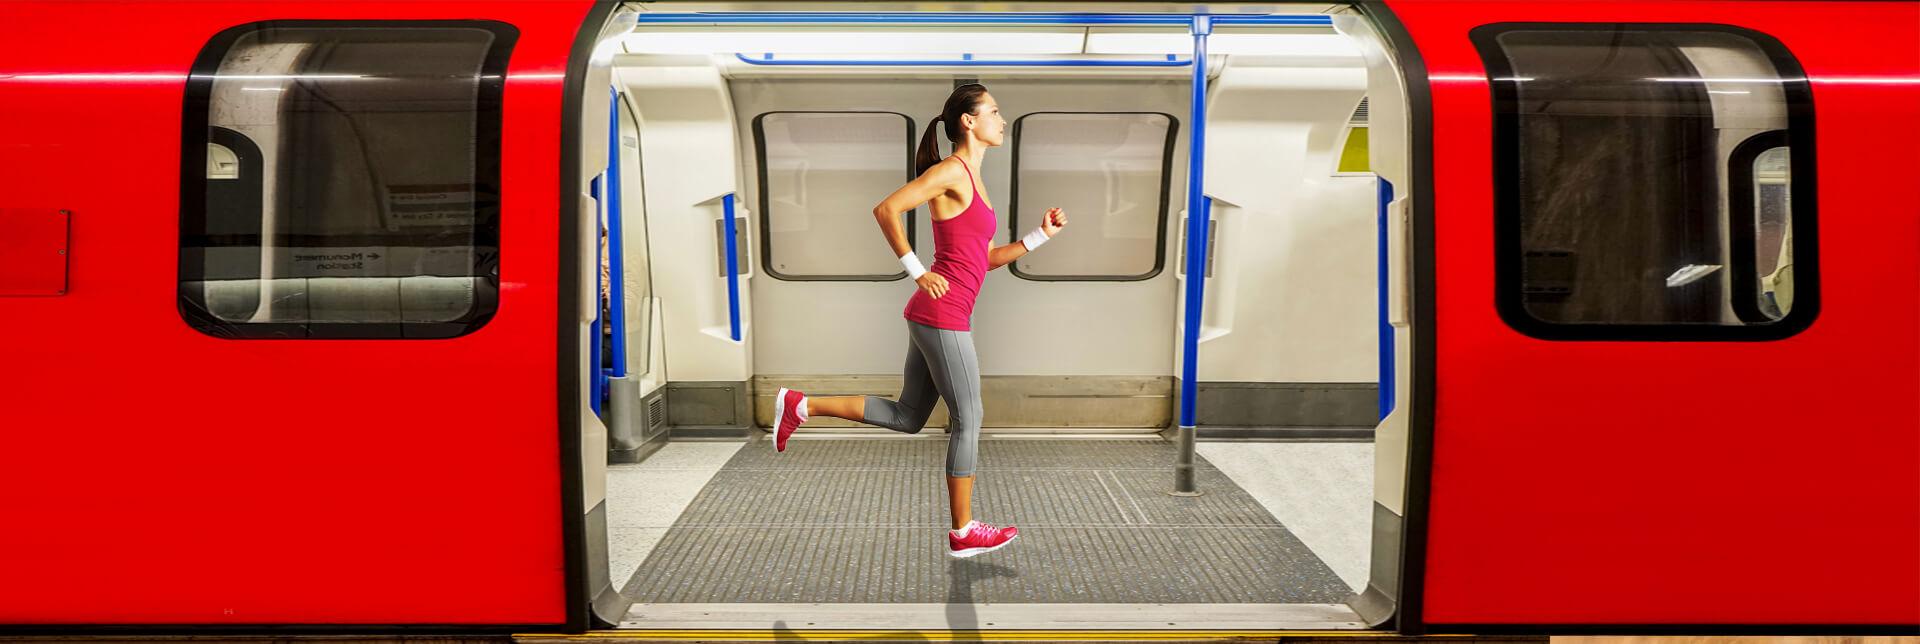 Runner on underground carriage